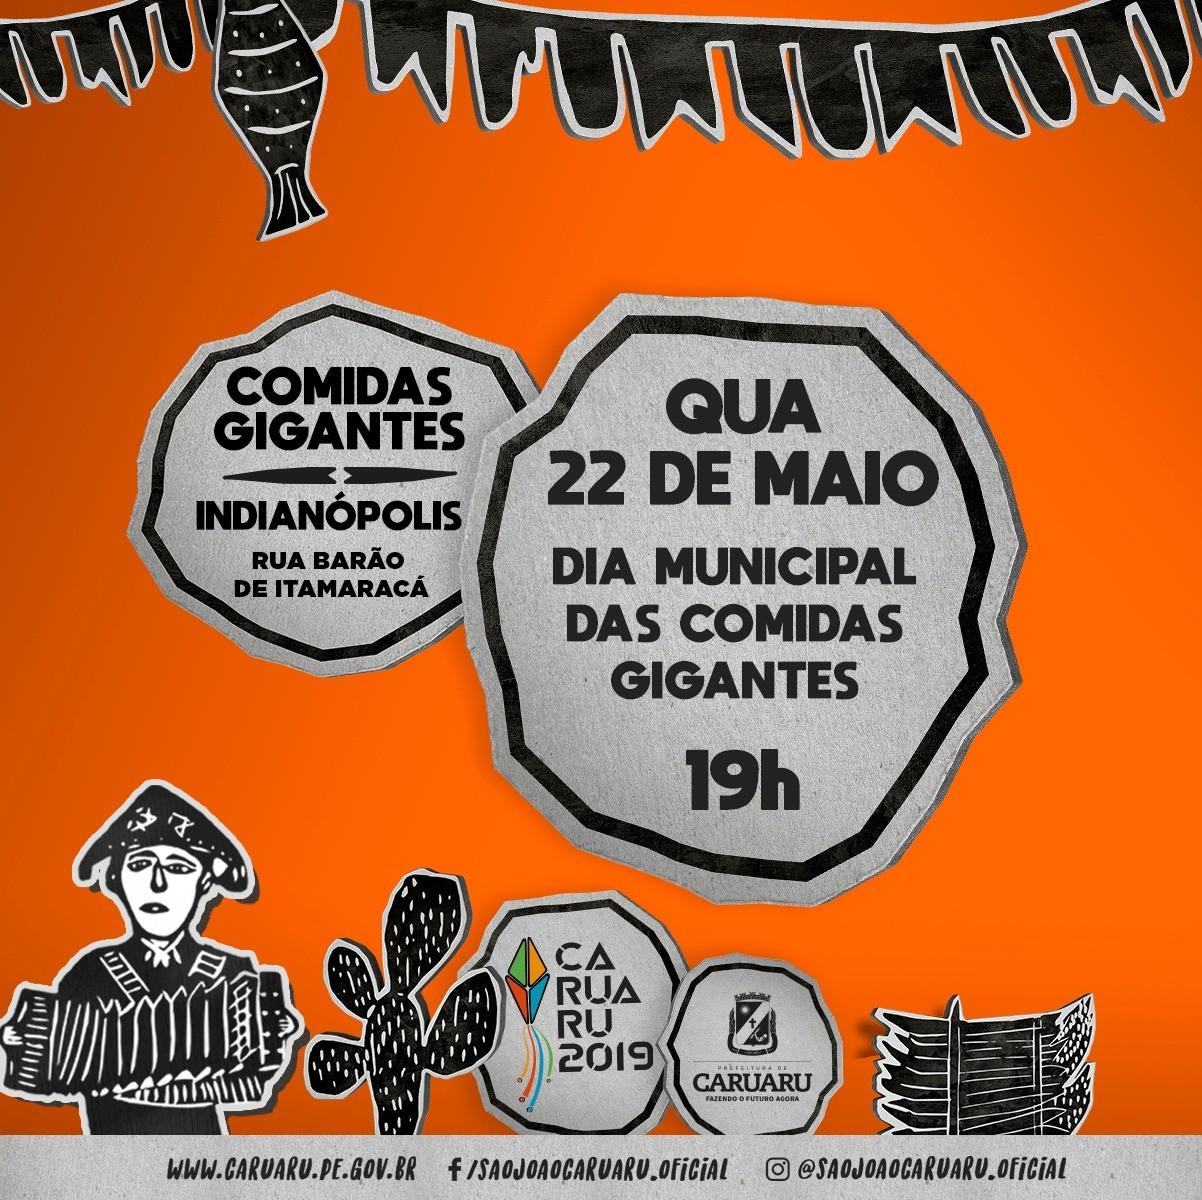 Dia Municipal das Comidas Gigantes é comemorado com mesa junina em Caruaru - Noticias